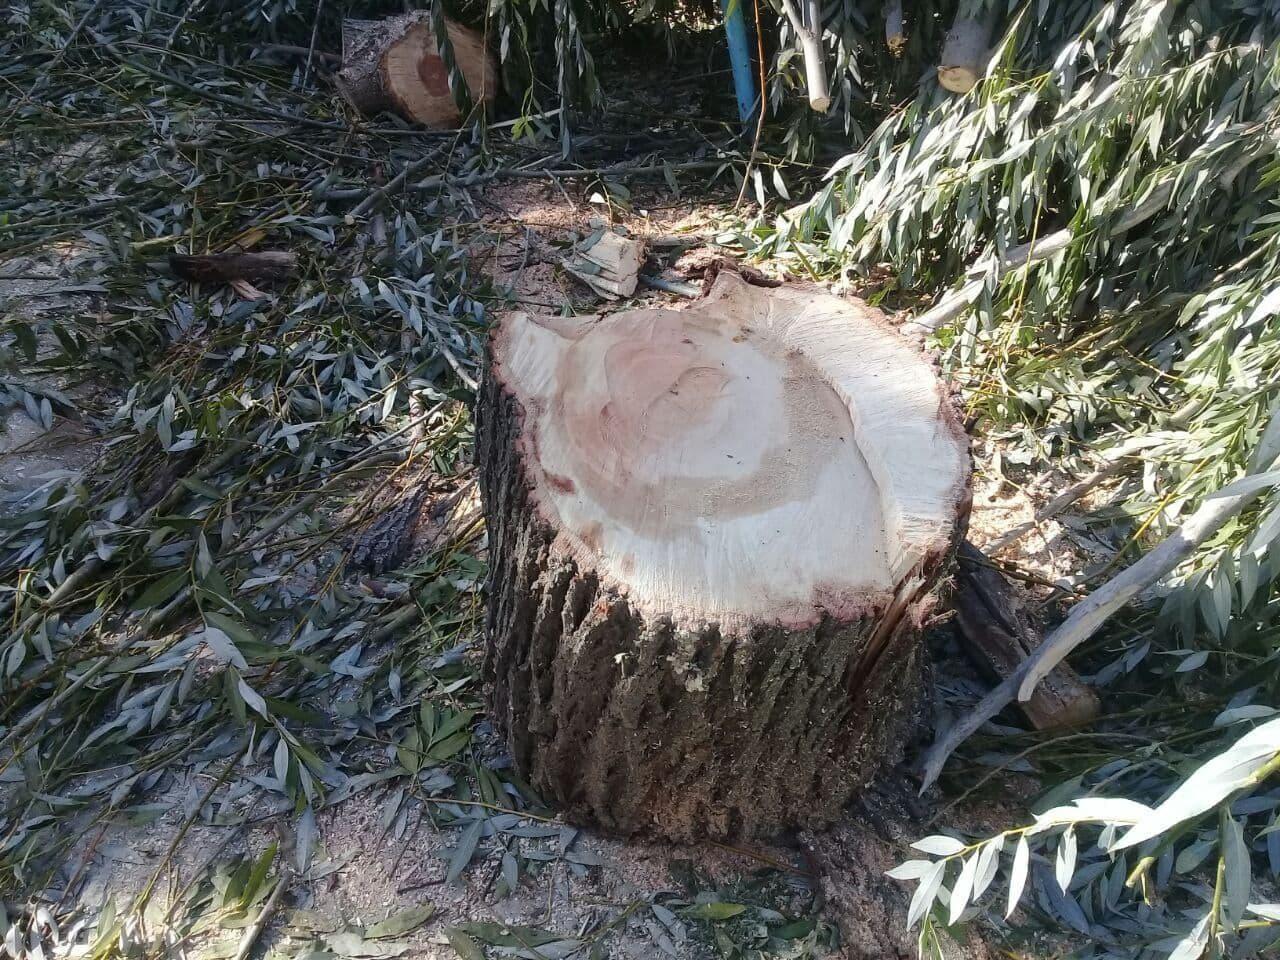 В двух областях Узбекистана поймали людей за незаконную вырубку деревьев